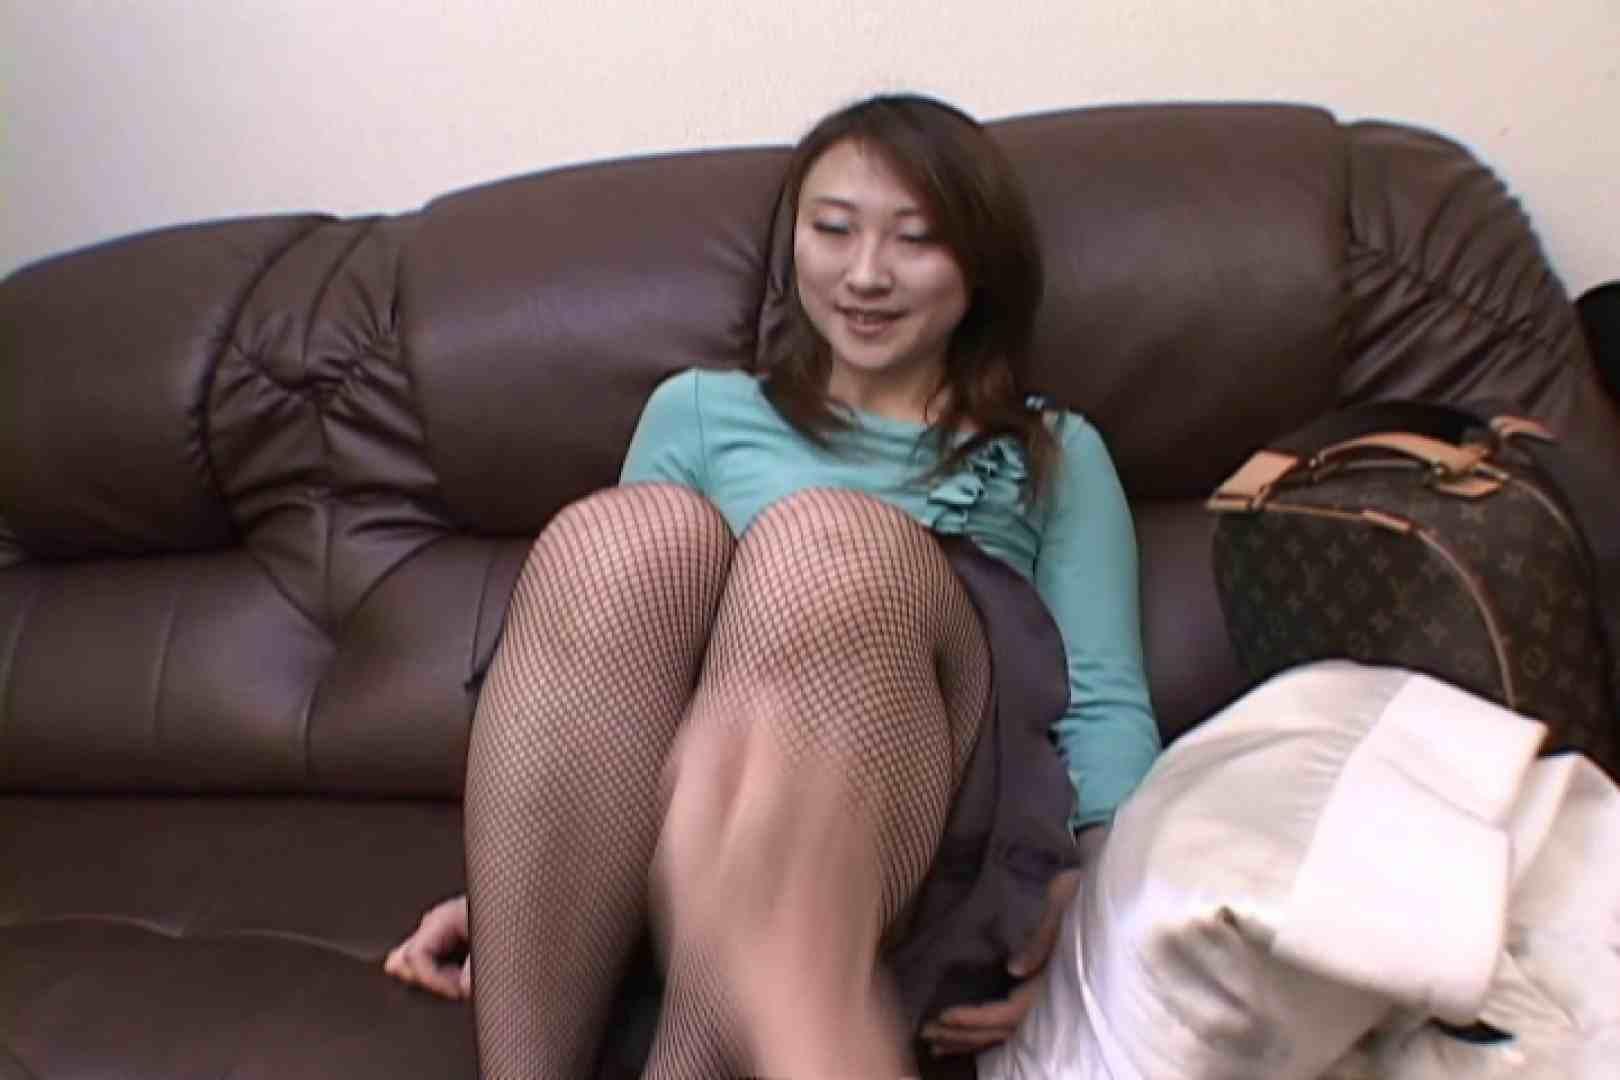 オナニー好きの綺麗なお姉さんと楽しくSEX~姫野あかね~ フェラ アダルト動画キャプチャ 105連発 56